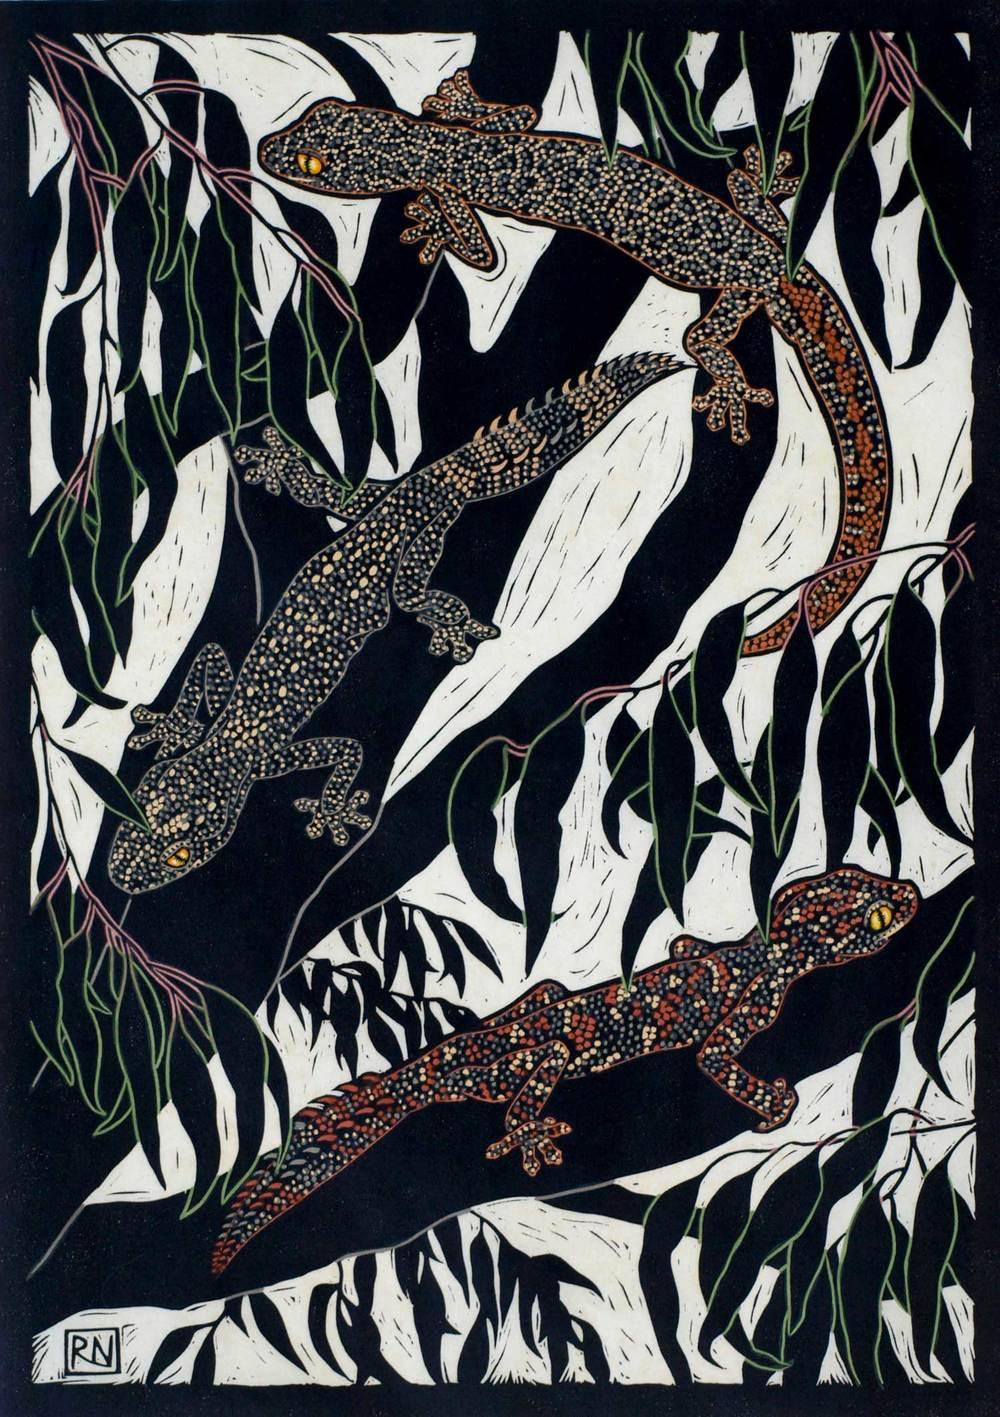 geckos-linocut-rachel-newling.jpg